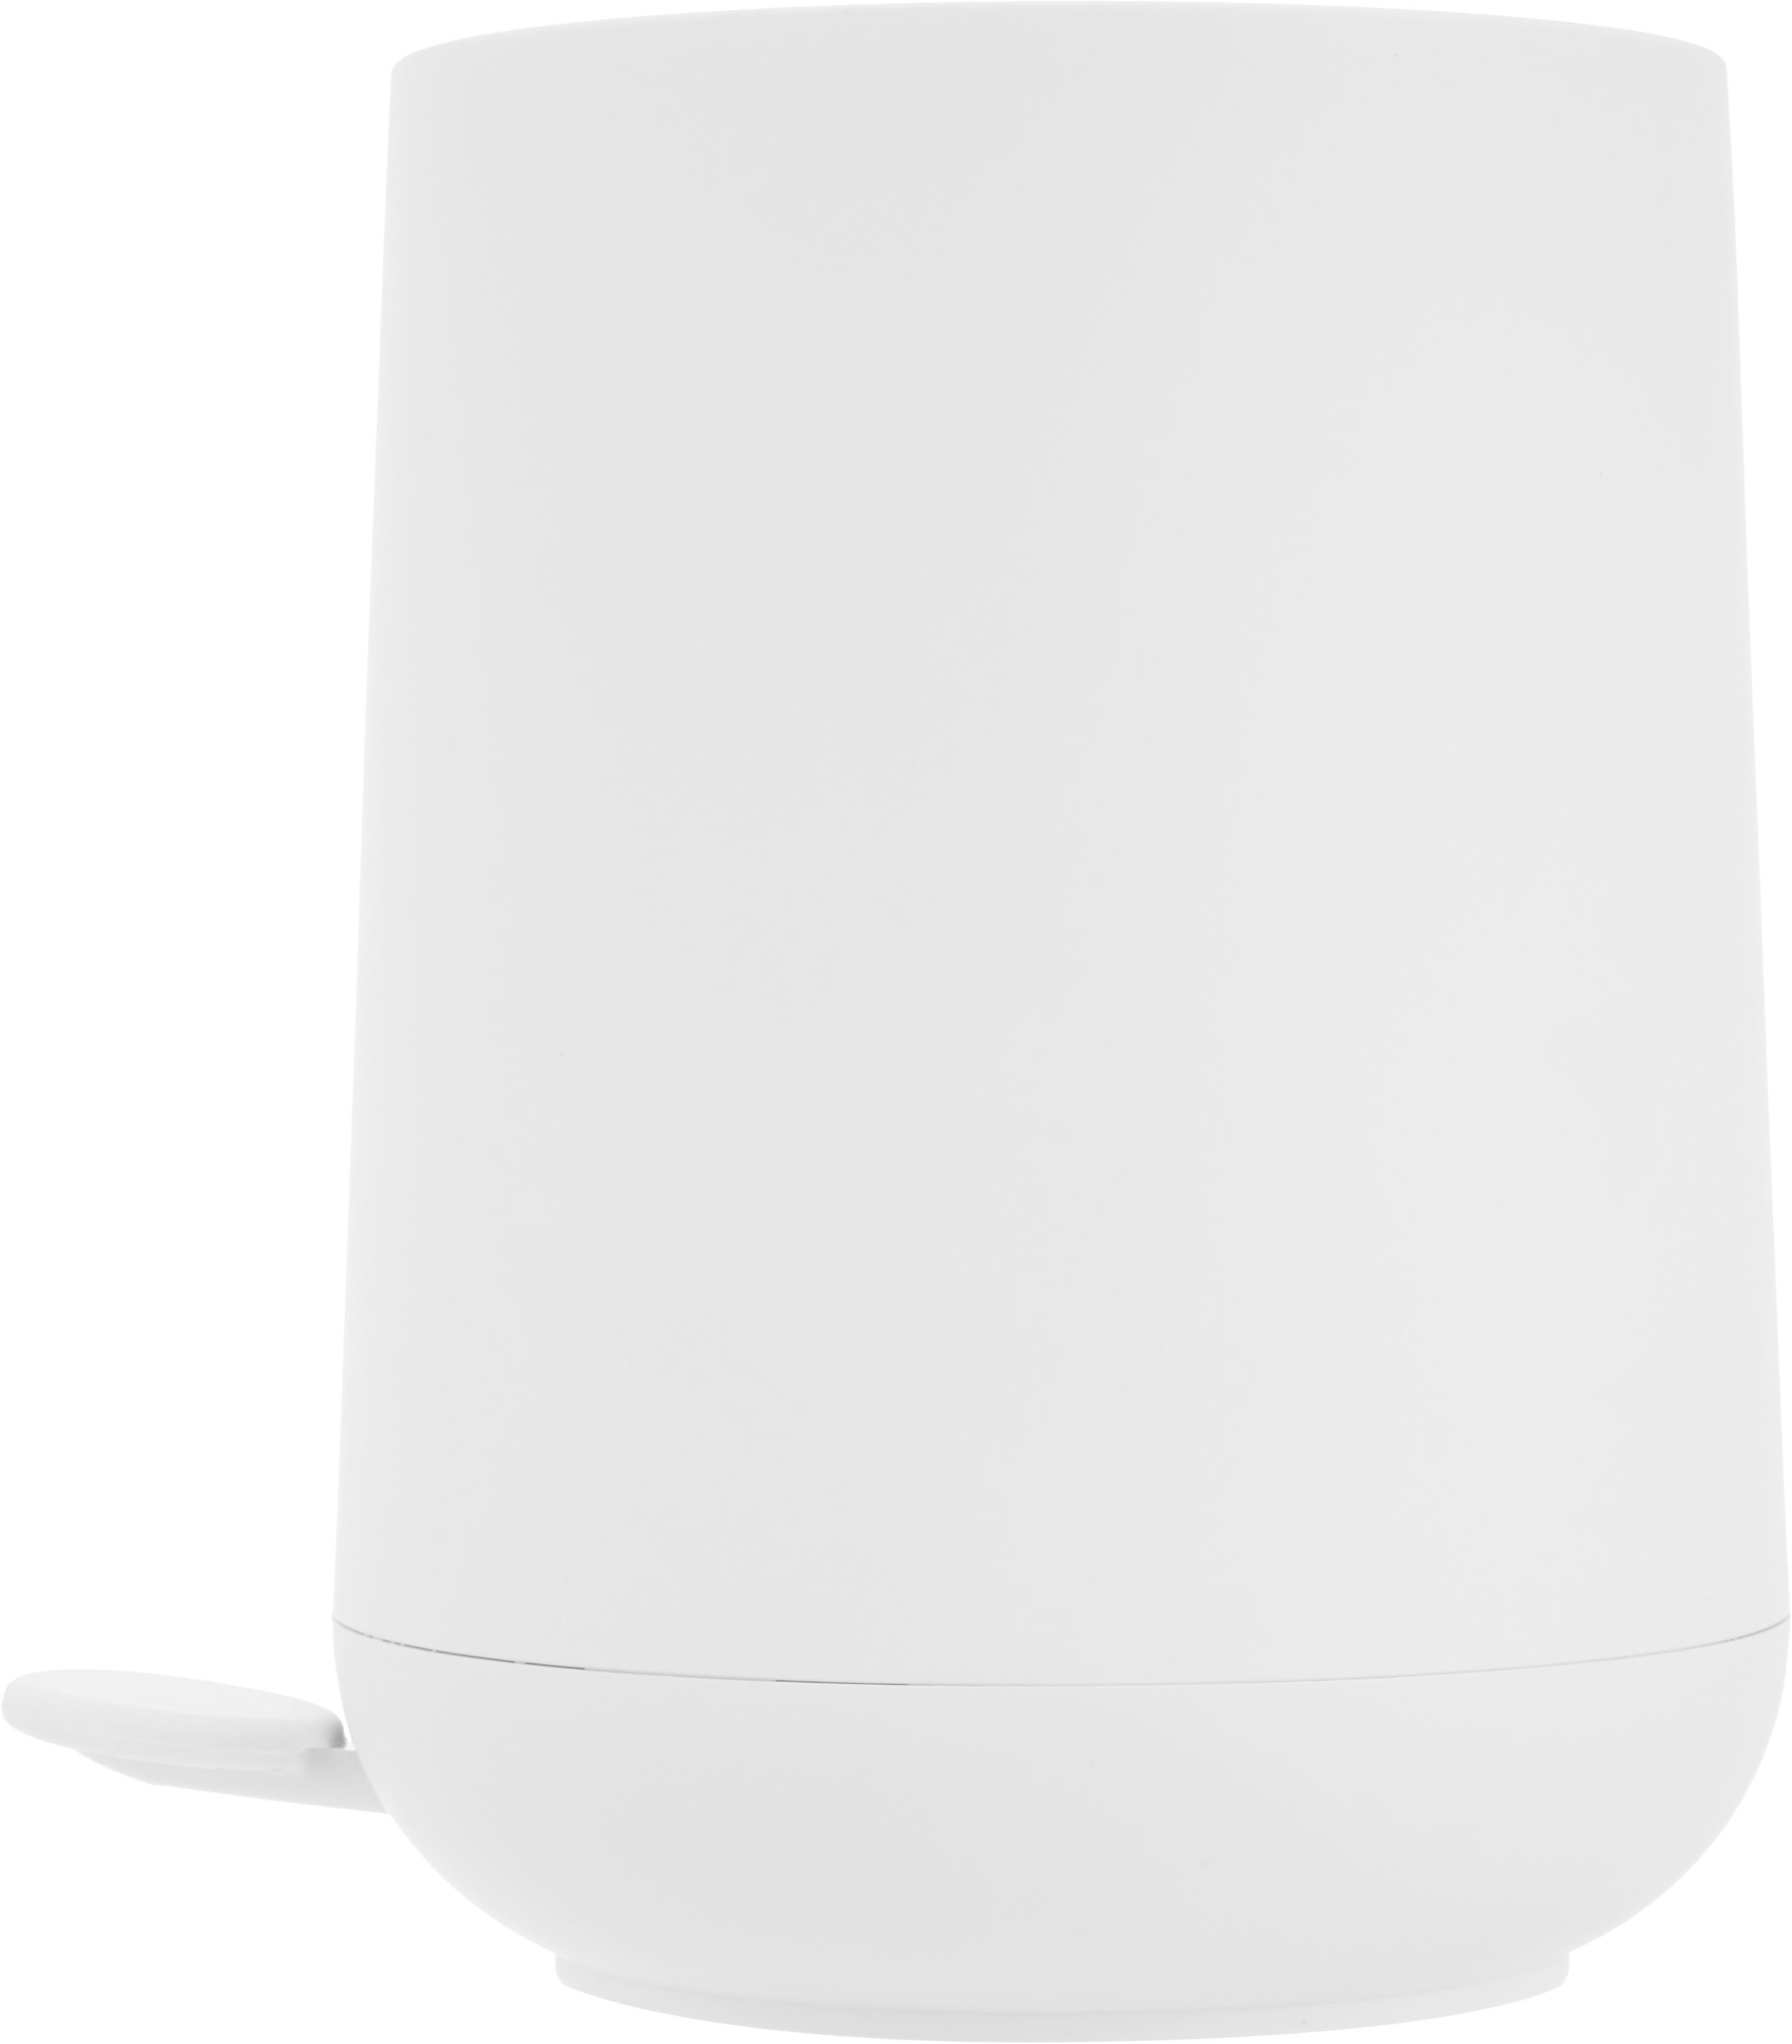 Papelera Nova, Plástico ABS, Blanco, Ø 23 x Al 29 cm